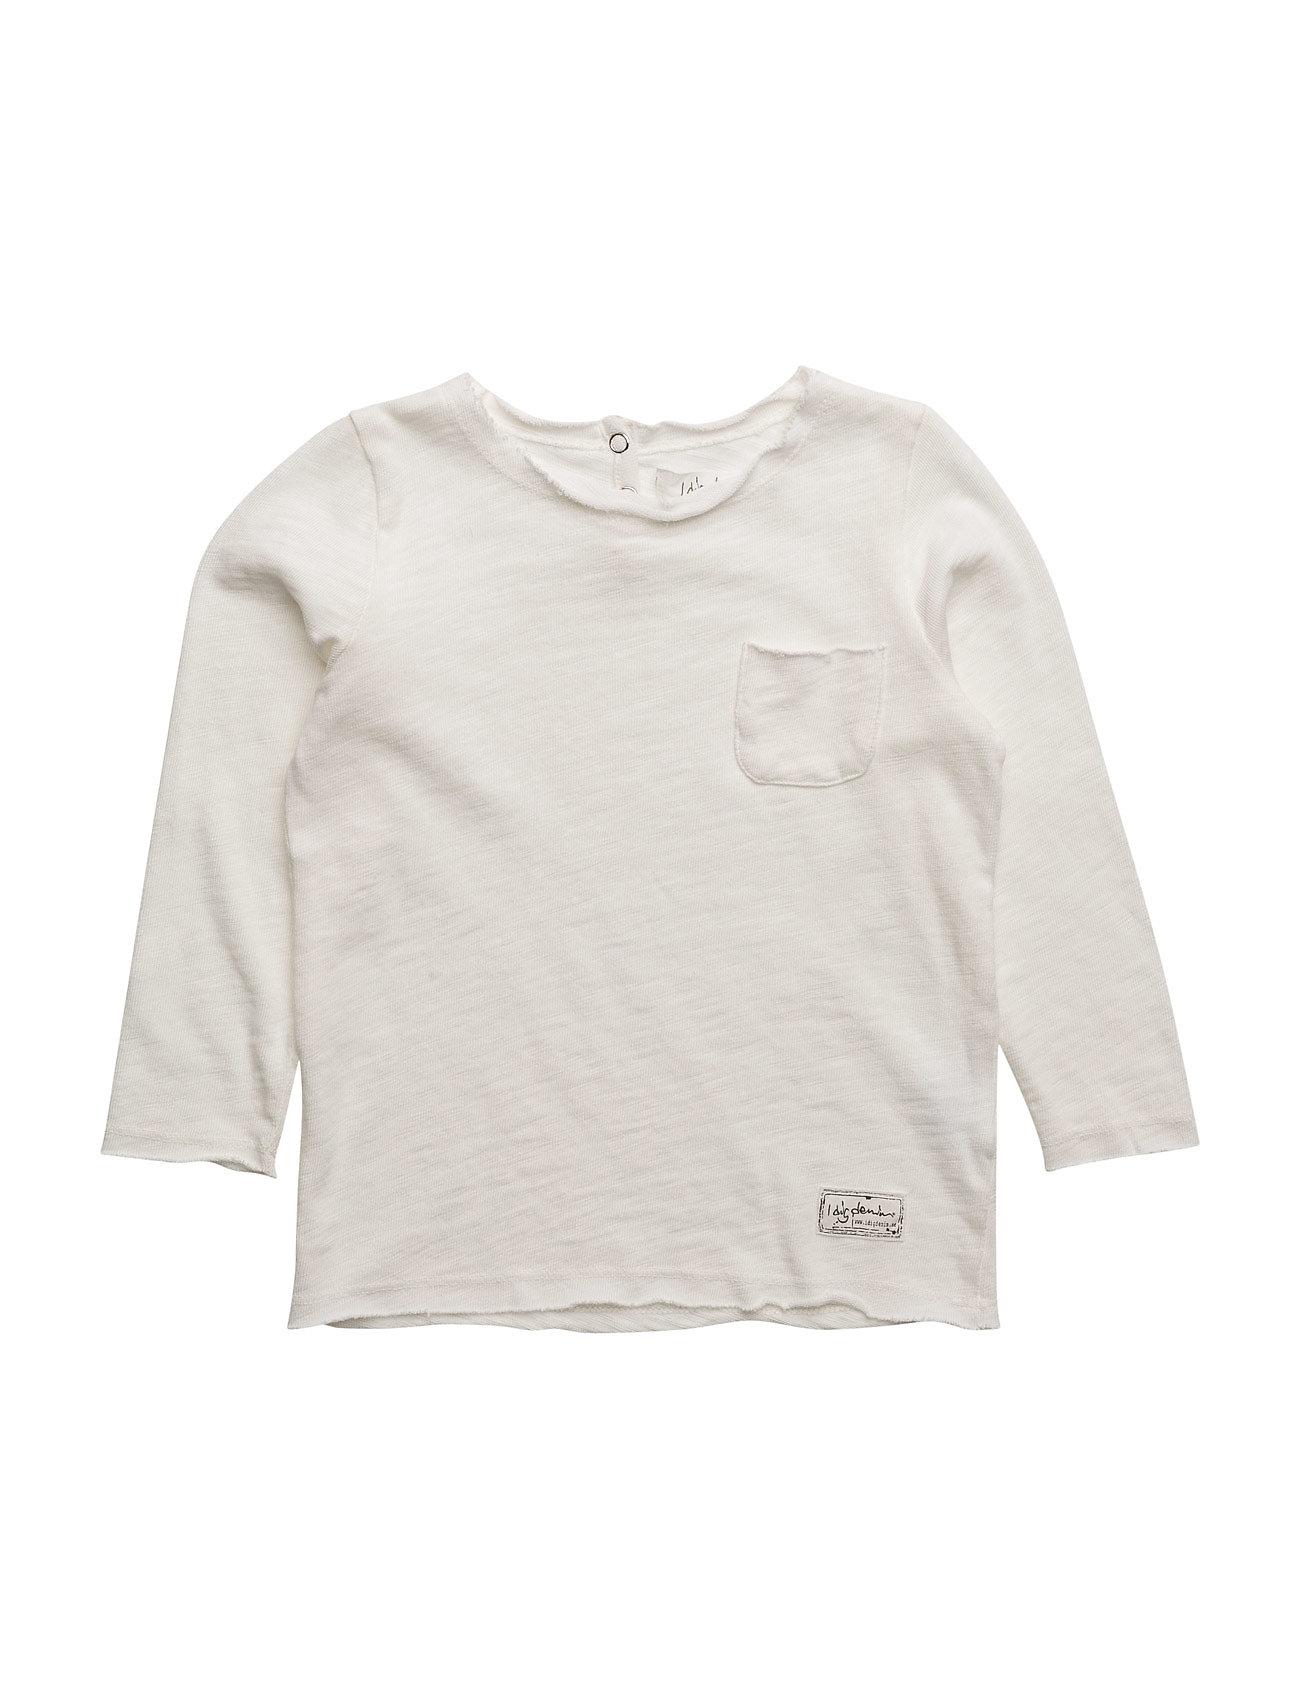 Bono Ls Tee I dig denim Langærmede t-shirts til Børn i Off White